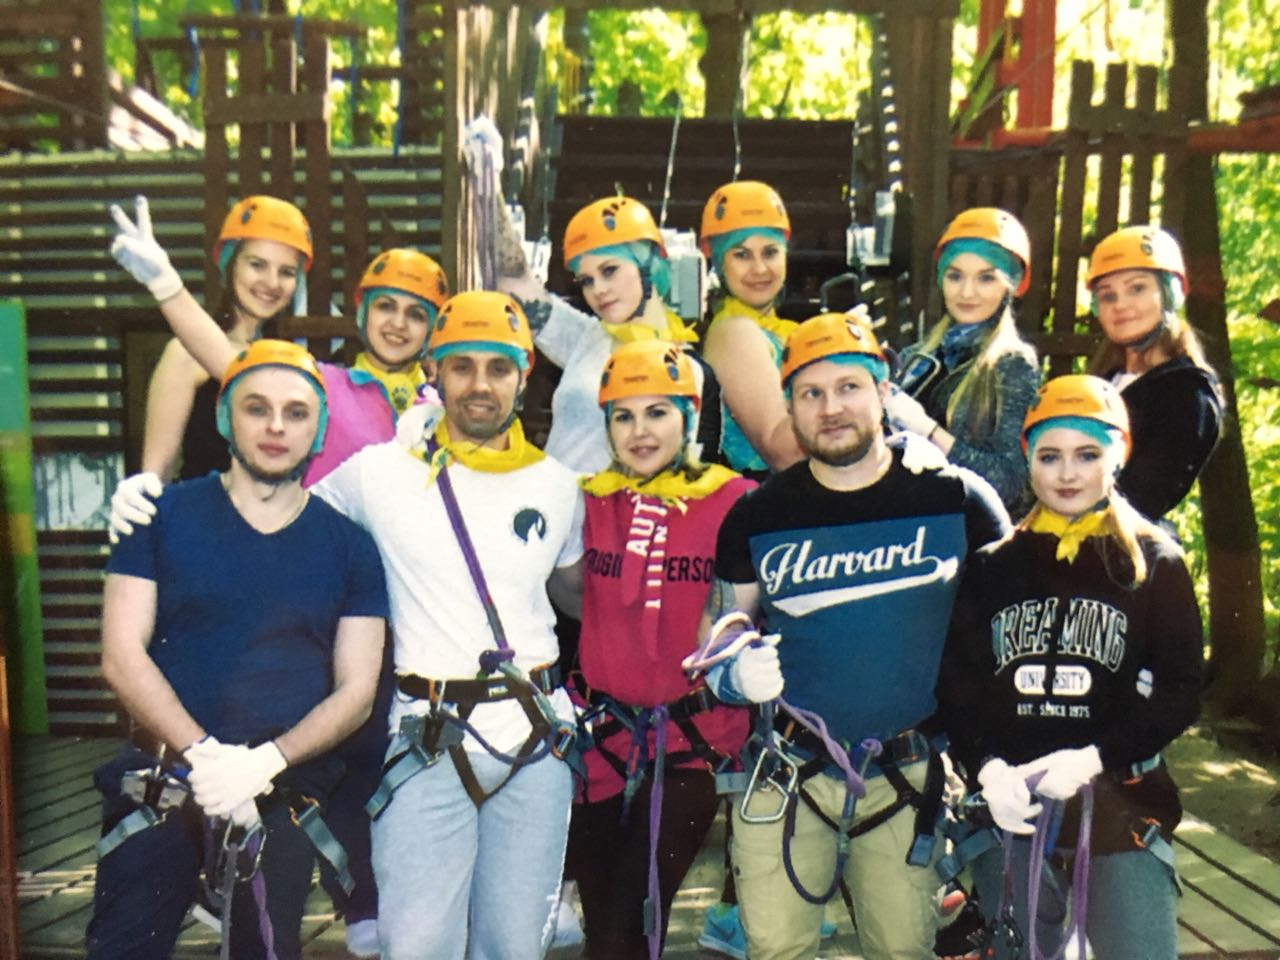 Провели тимбилдинг на 25 метровой высоте - картинка teambilding-03-1